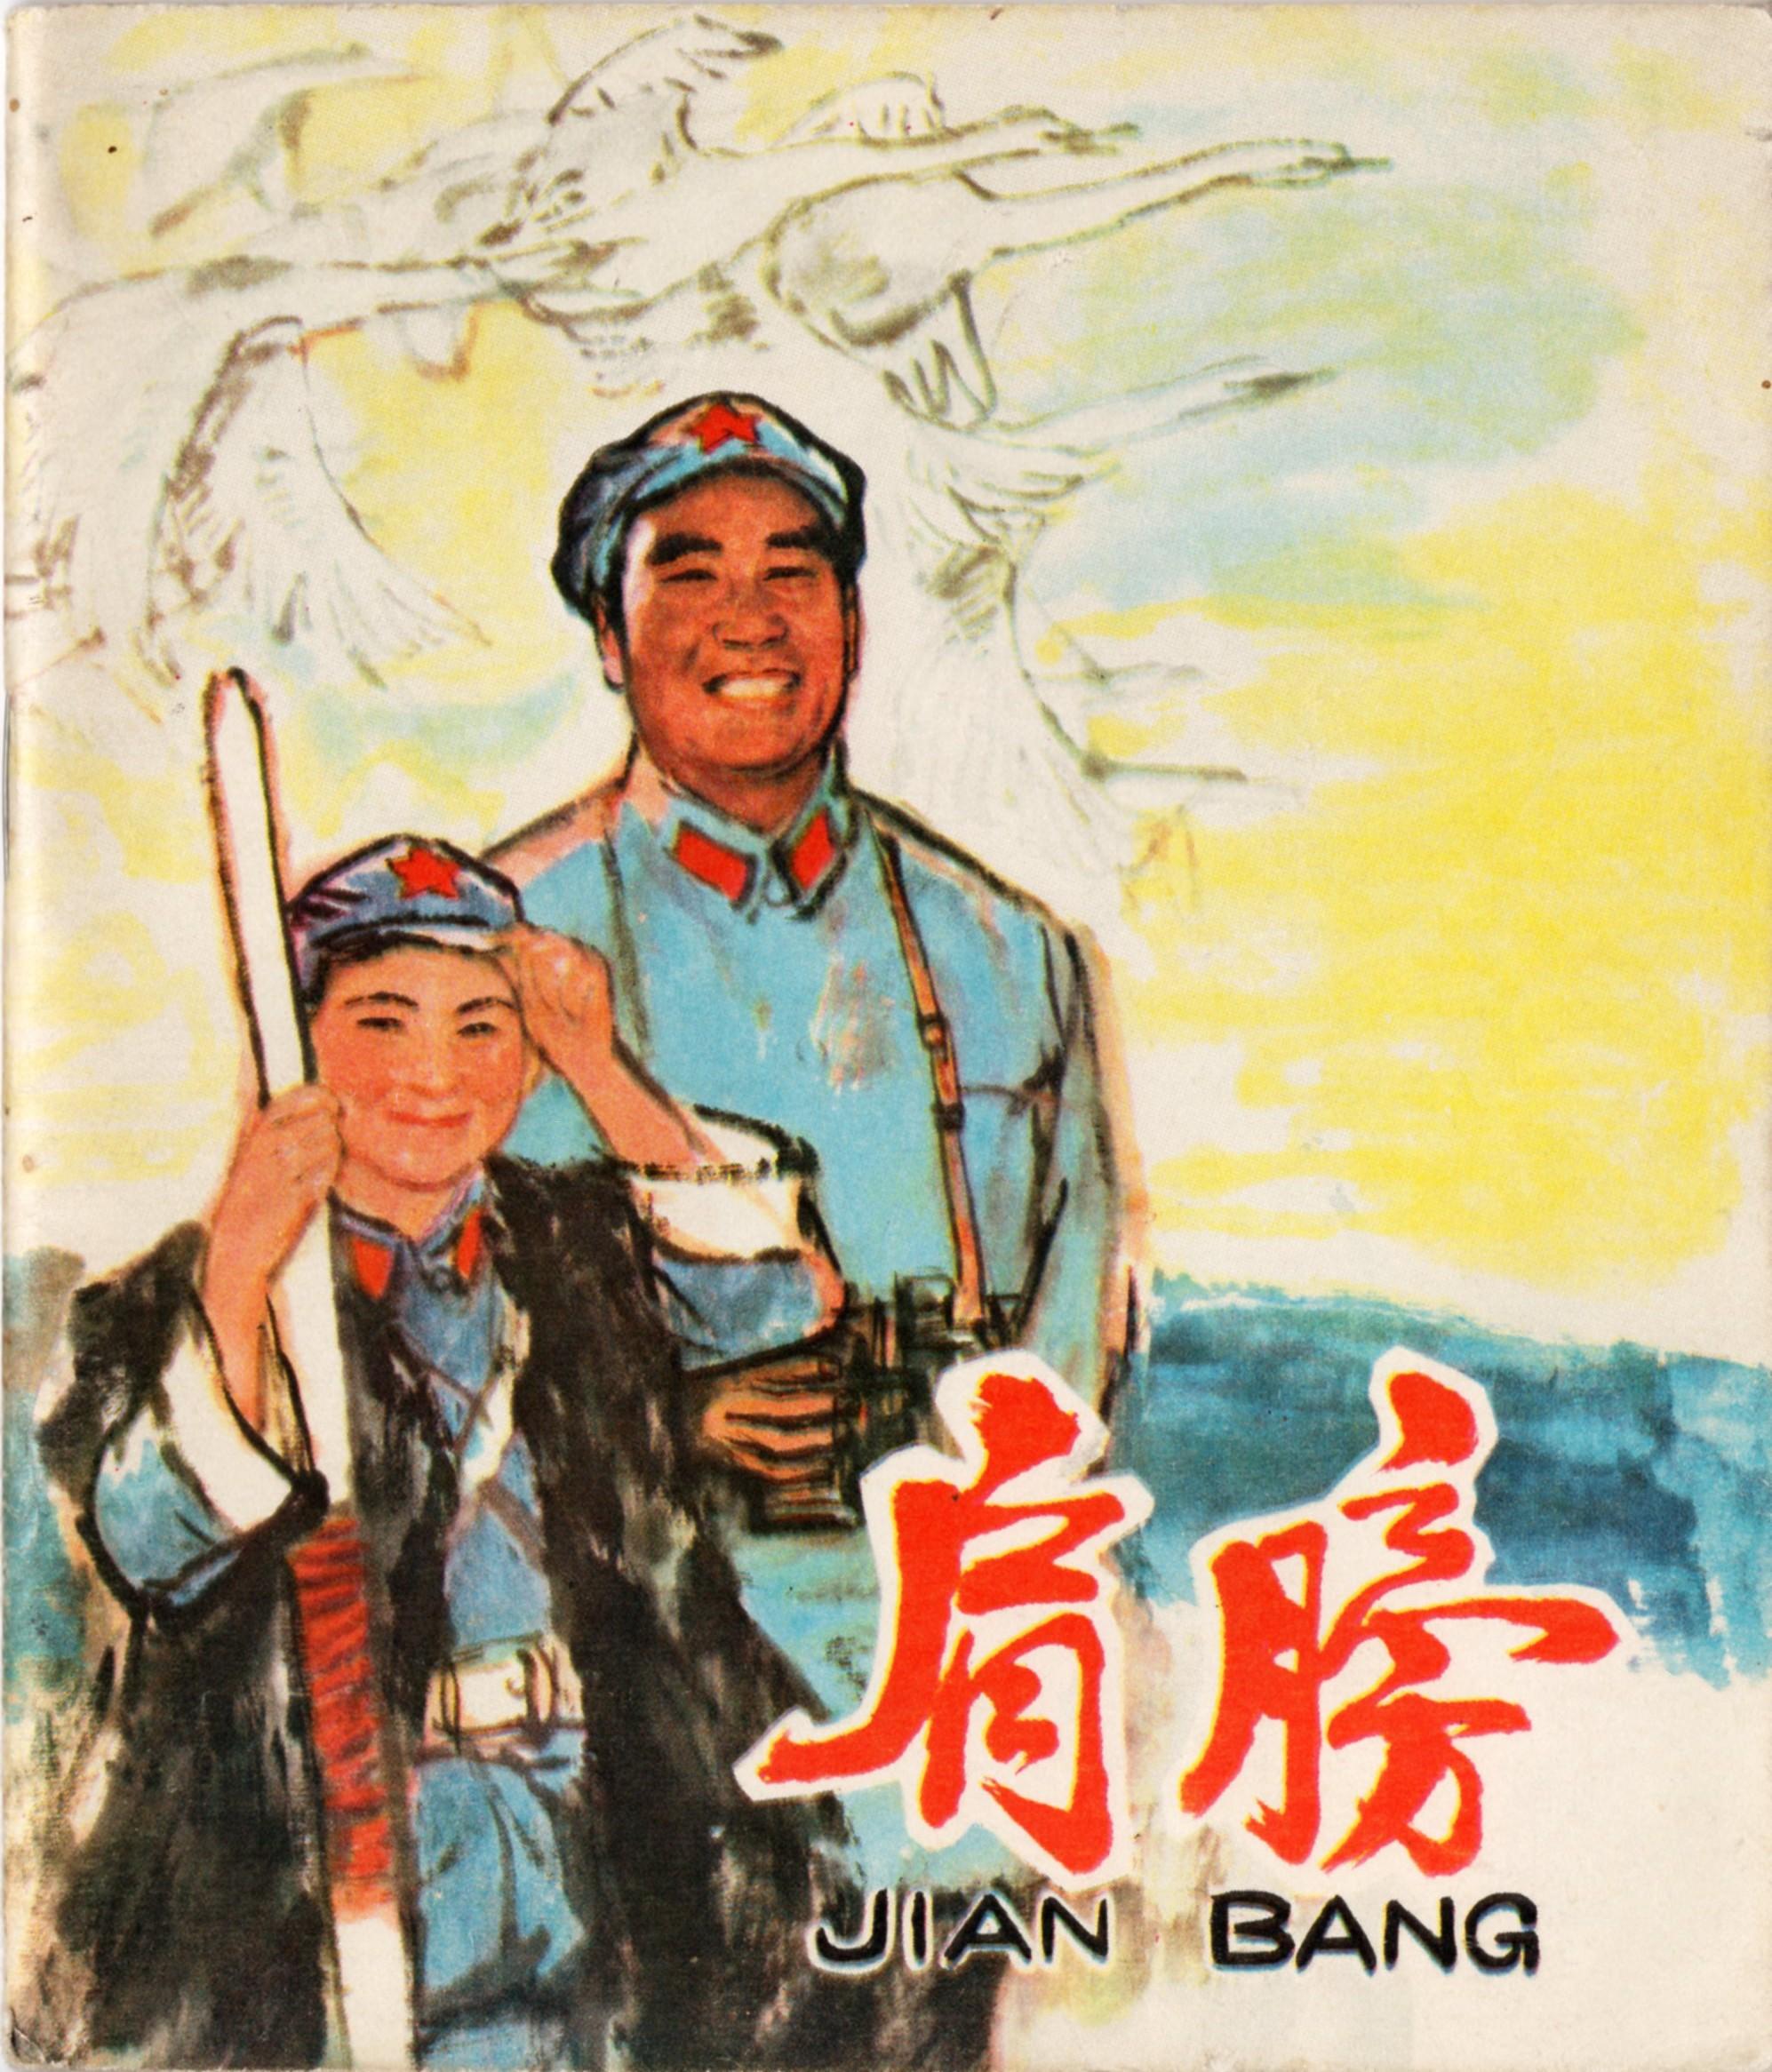 彩色连环画《肩膀》,讲述红军长征途中朱德总司令的两个故事